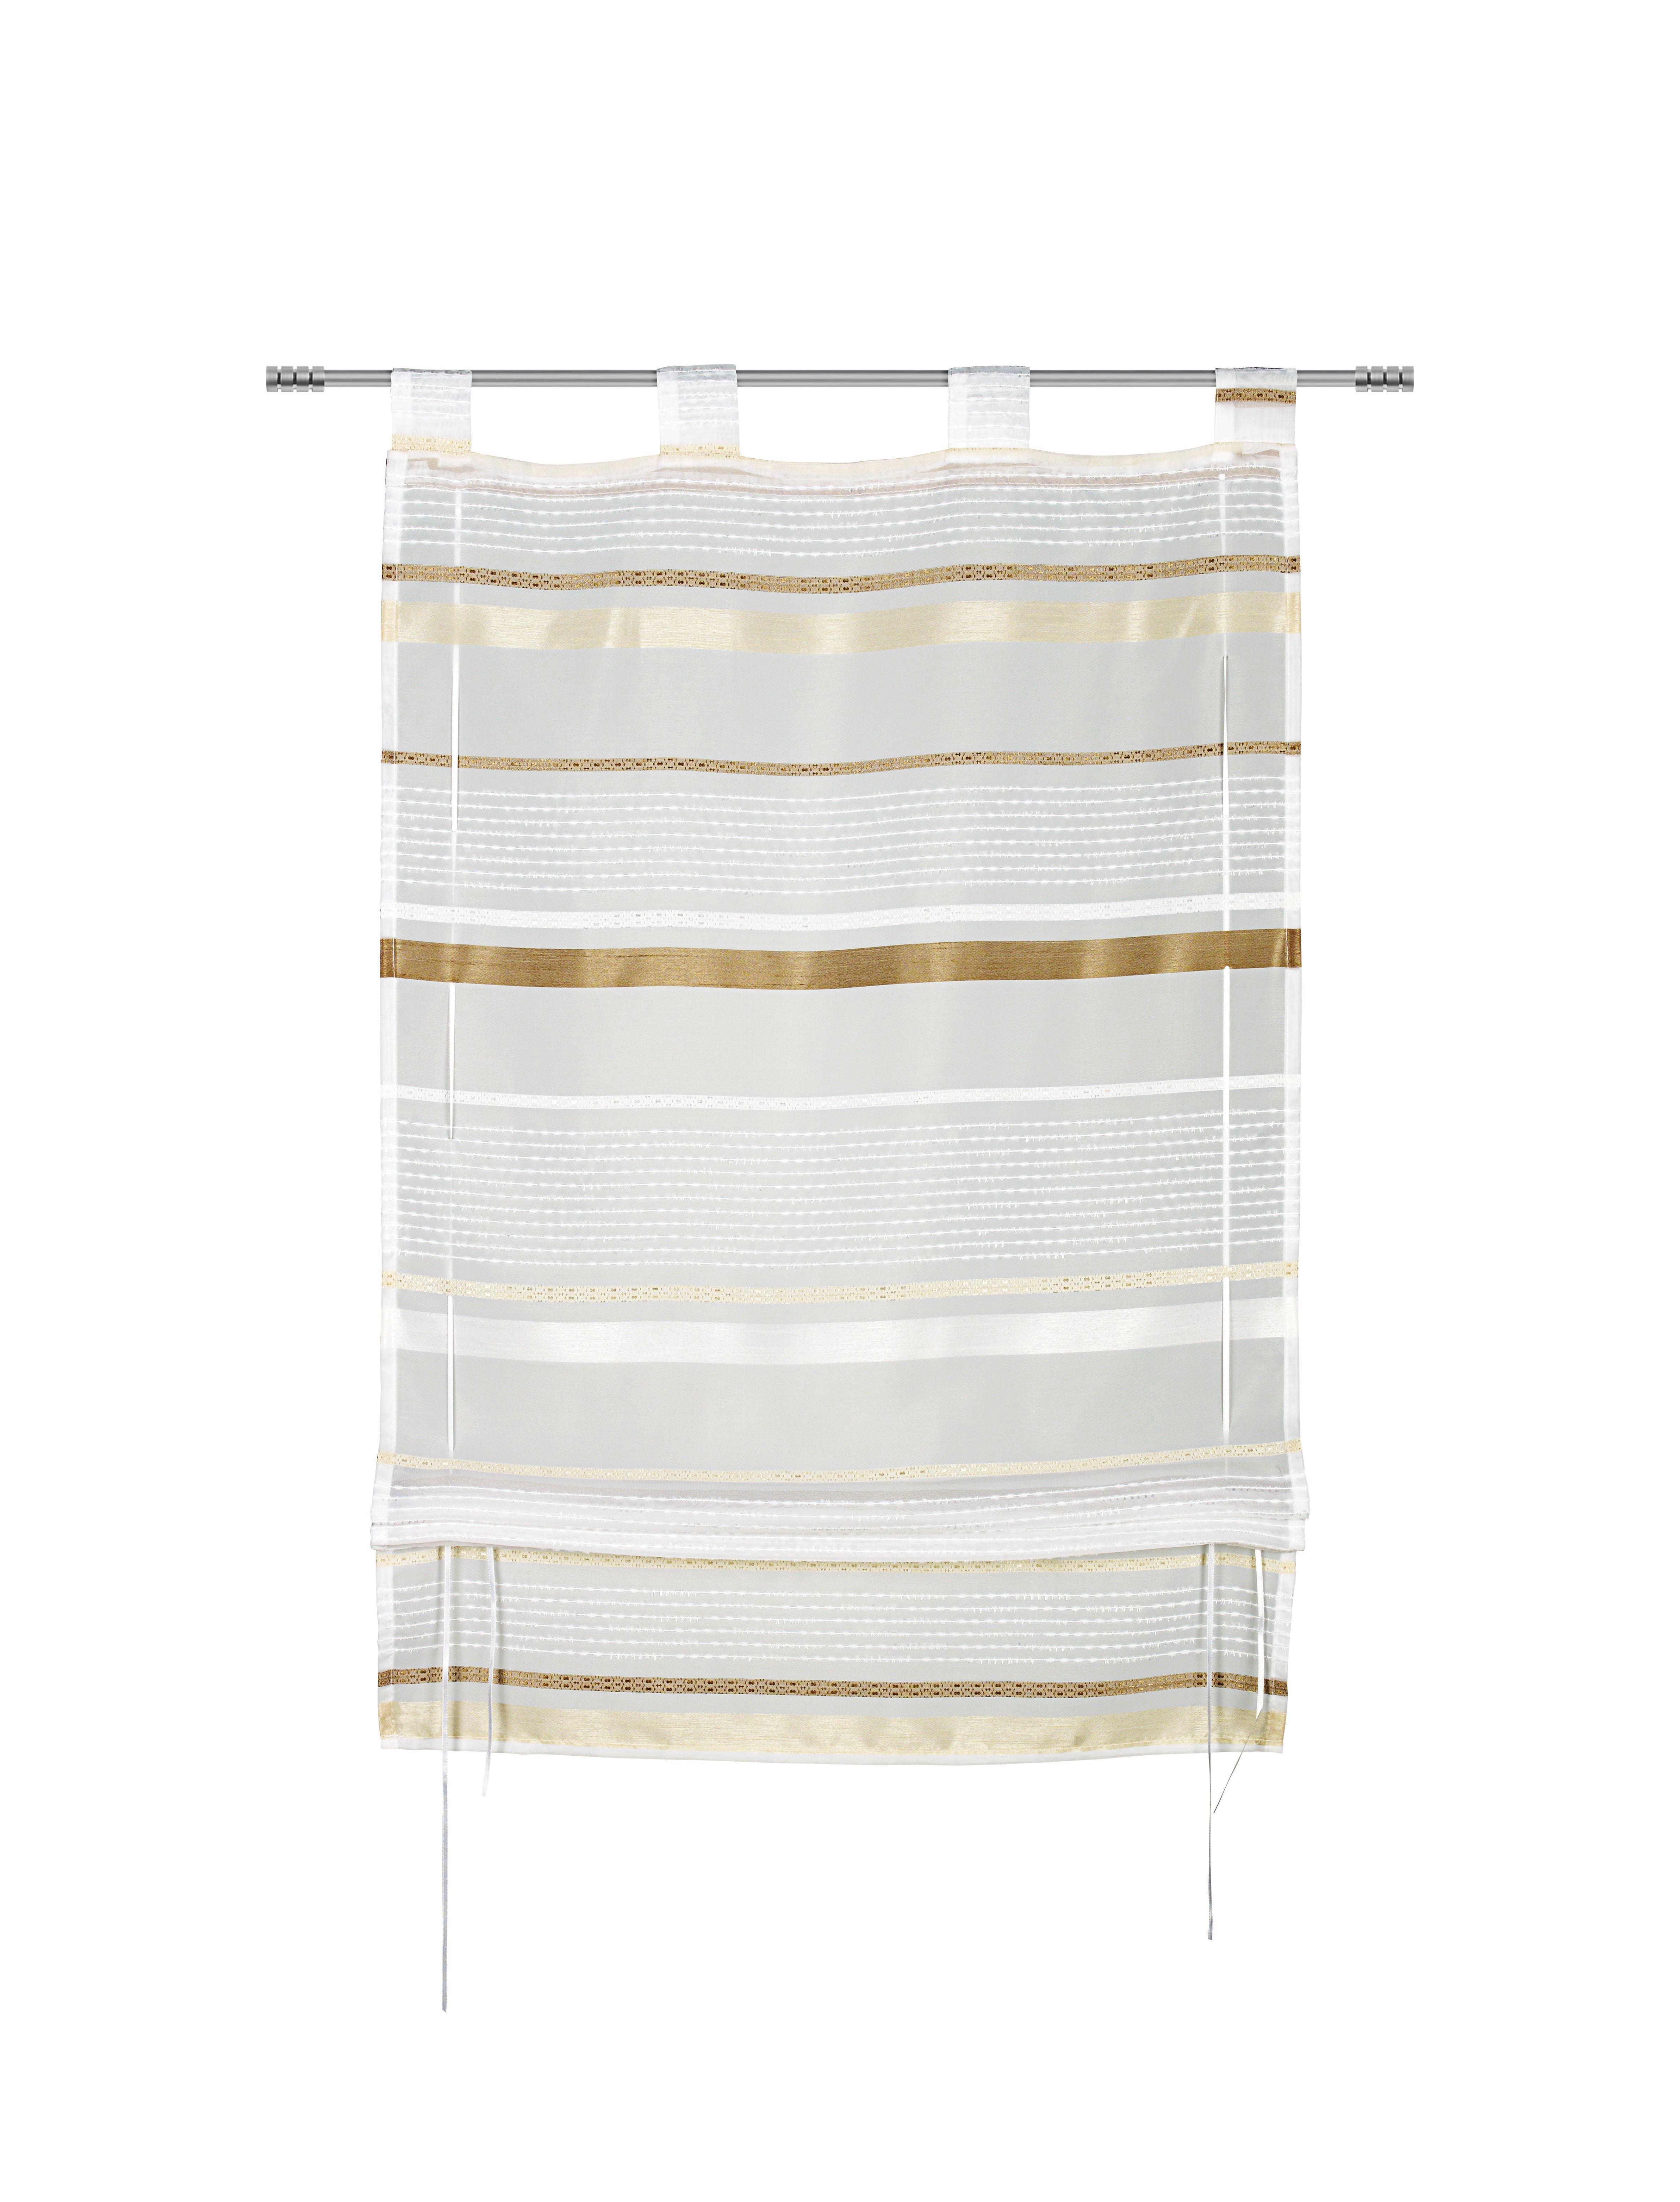 Szövetroló Adele - barna, konvencionális, textil (80/140cm) - MÖMAX modern living